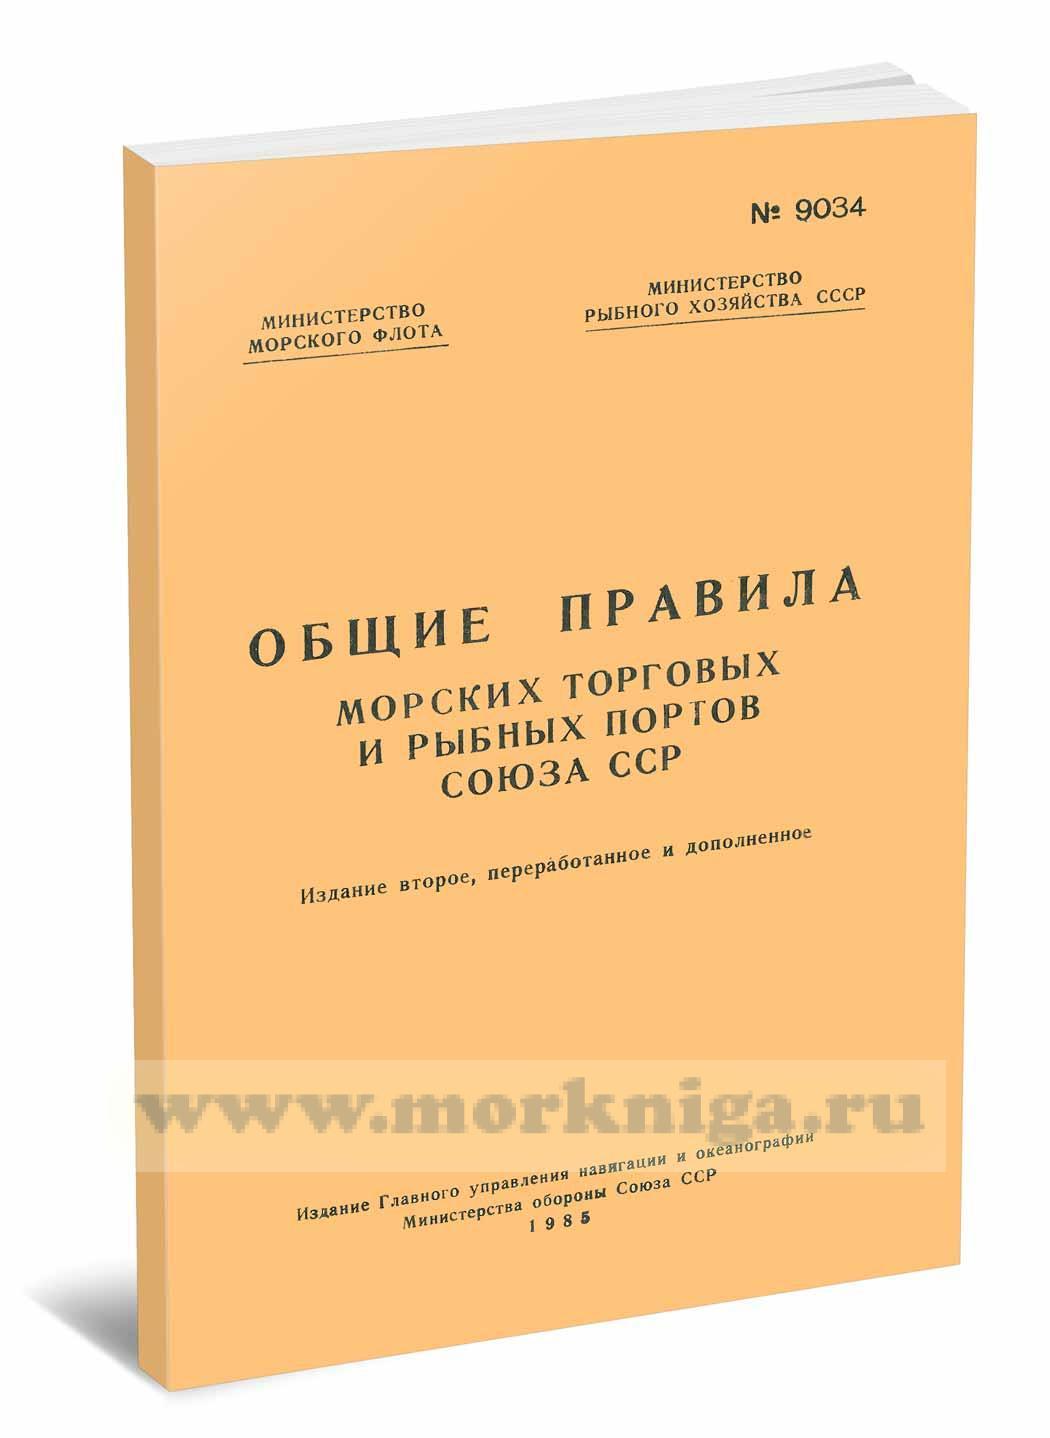 Общие правила морских торговых и рыбных портов СССР